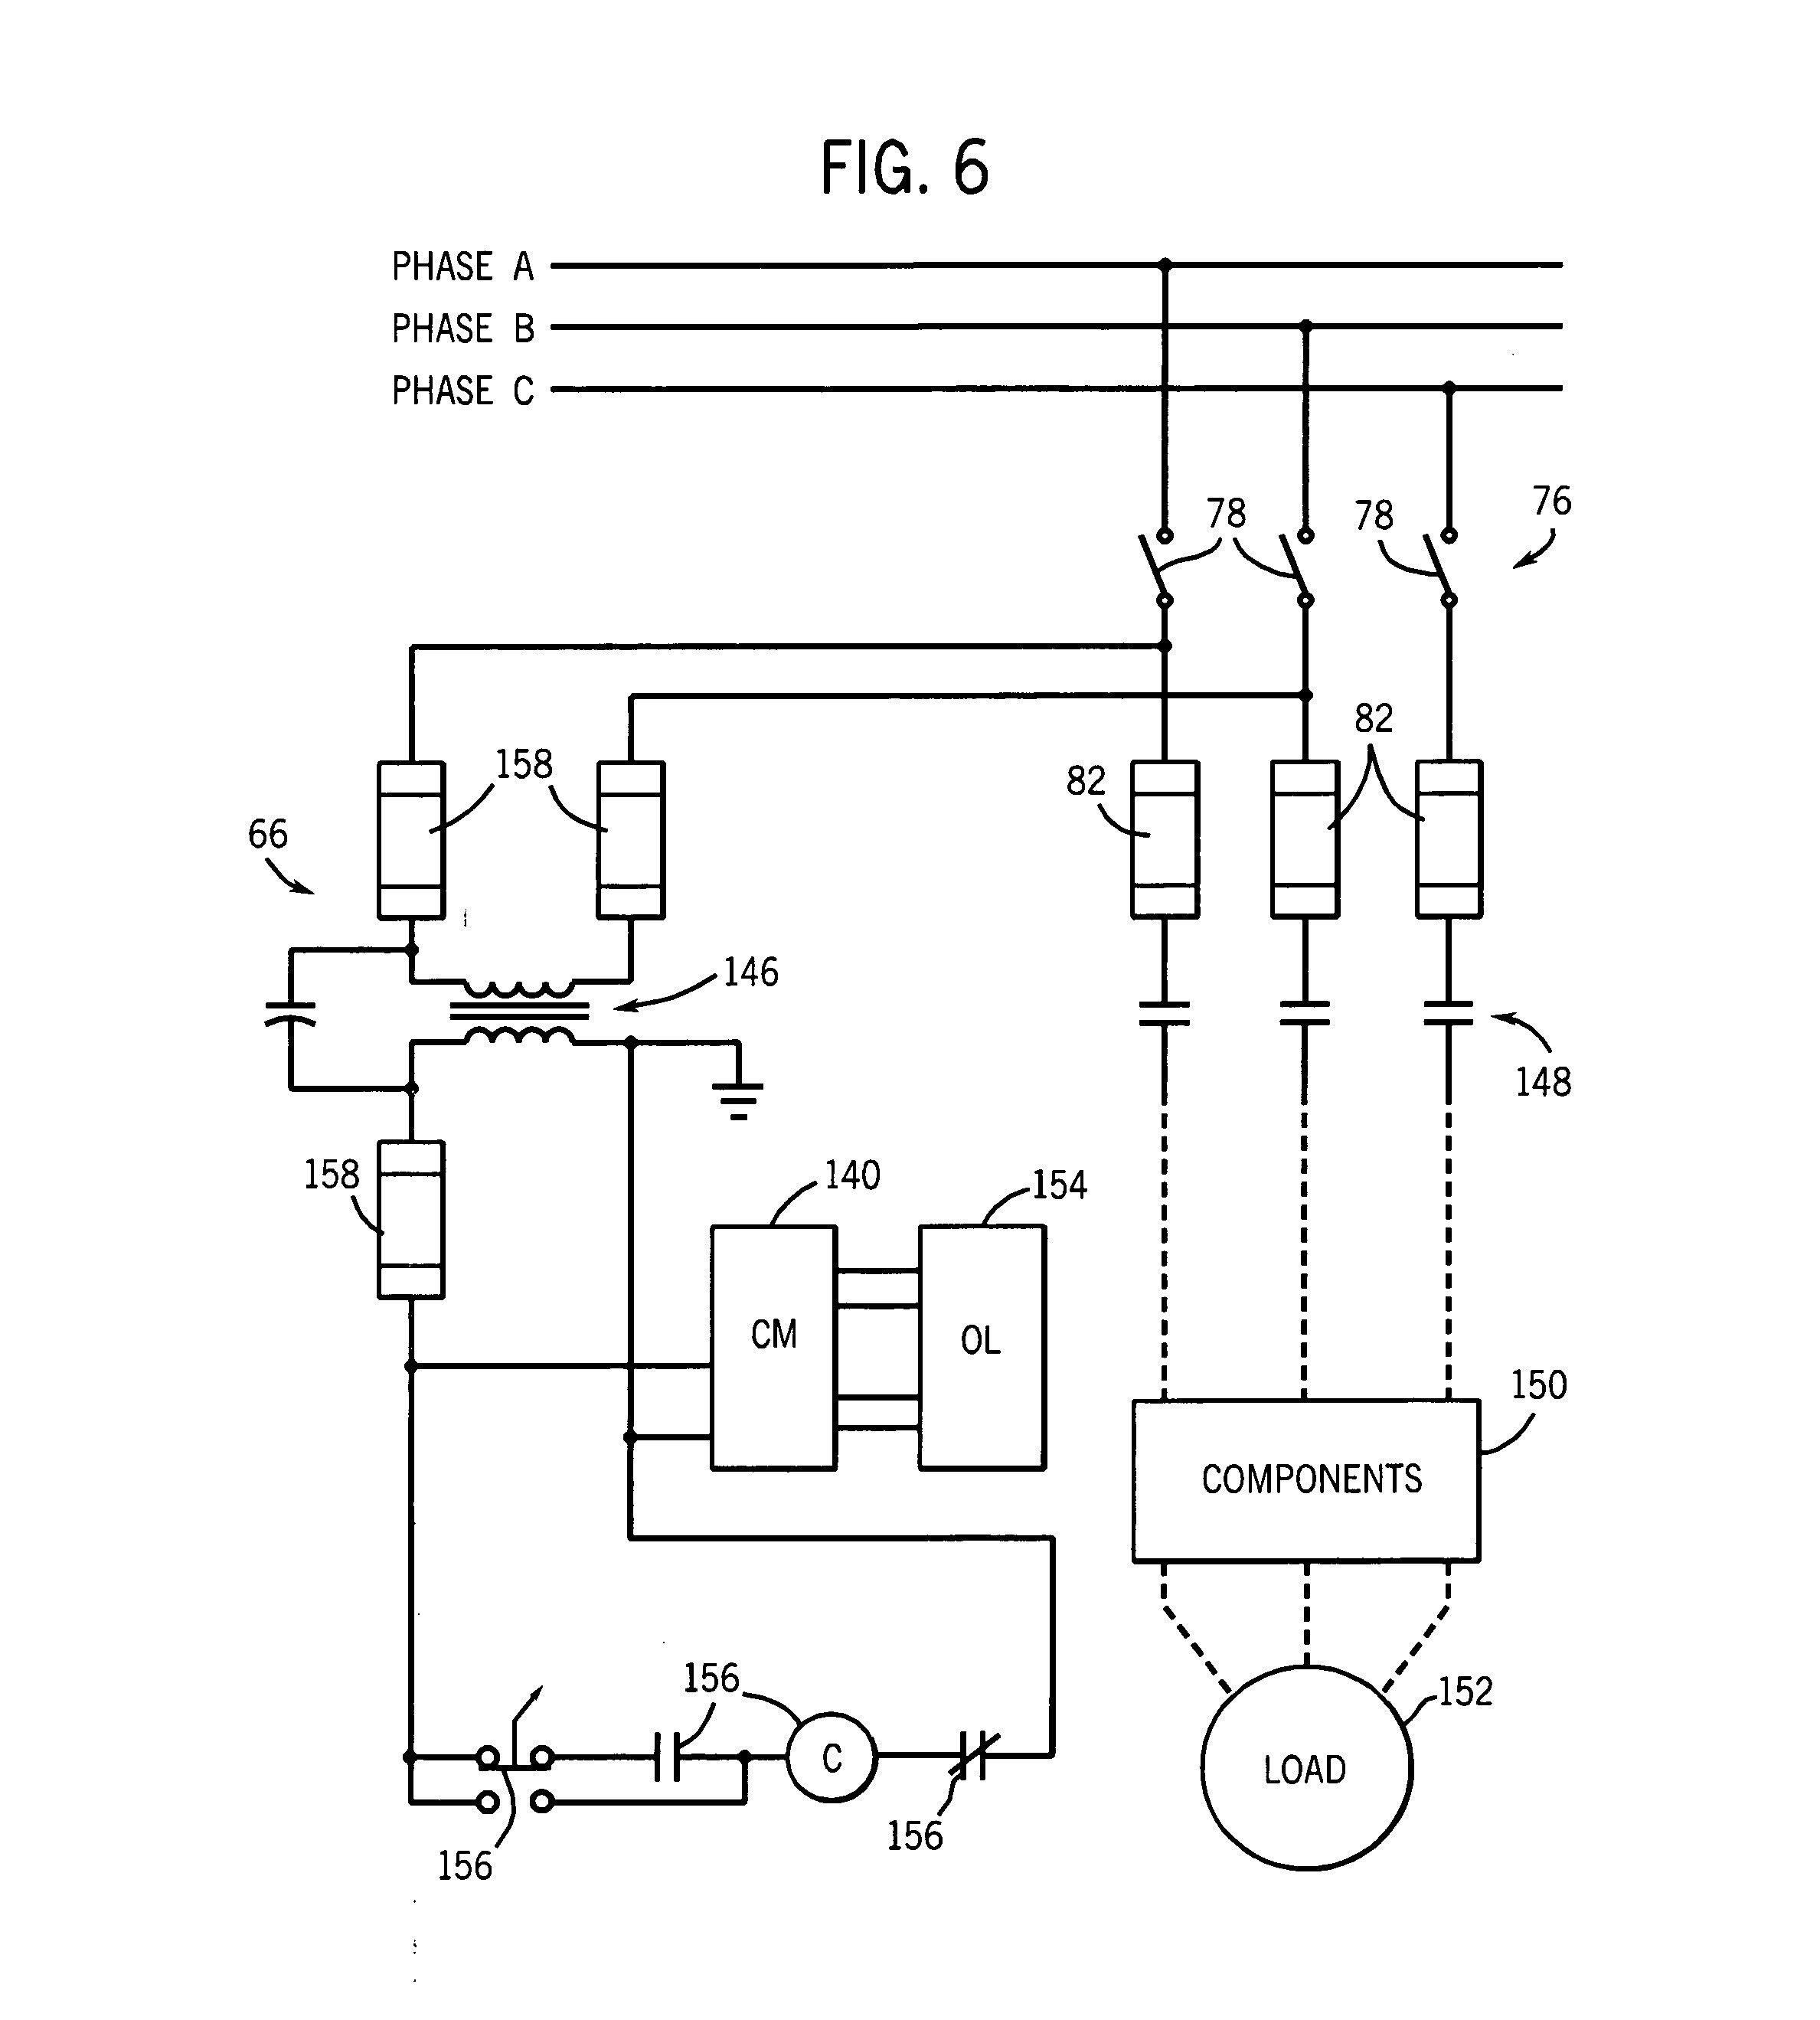 new allen bradley wiring diagram book diagramsample circuit diagram of a circuit diagram book #6